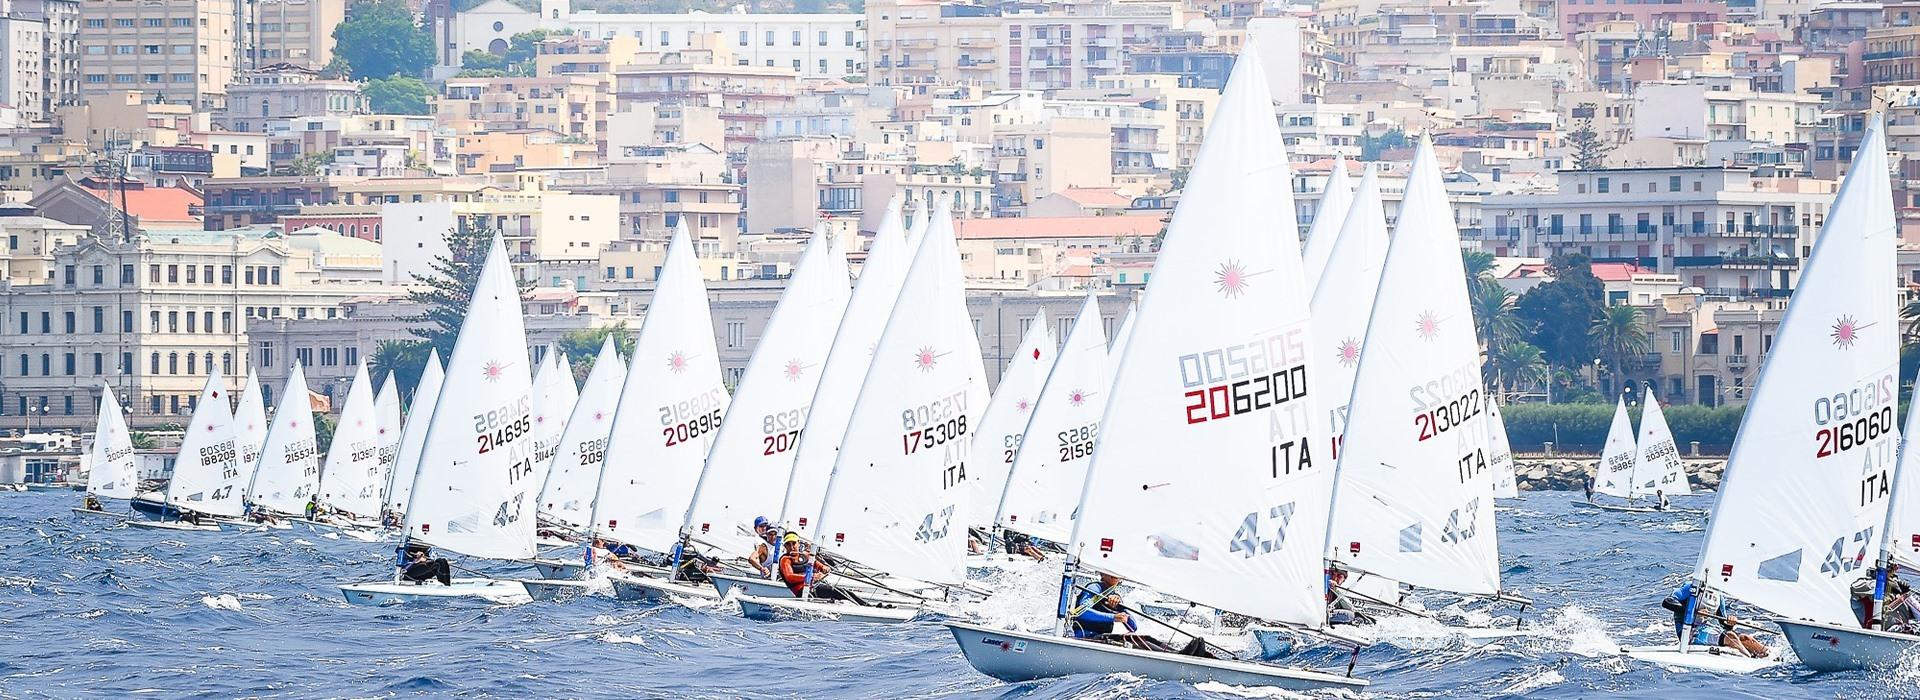 L'ITALIA CUP LASER A REGGIO CALABRIA   Vela Pratica